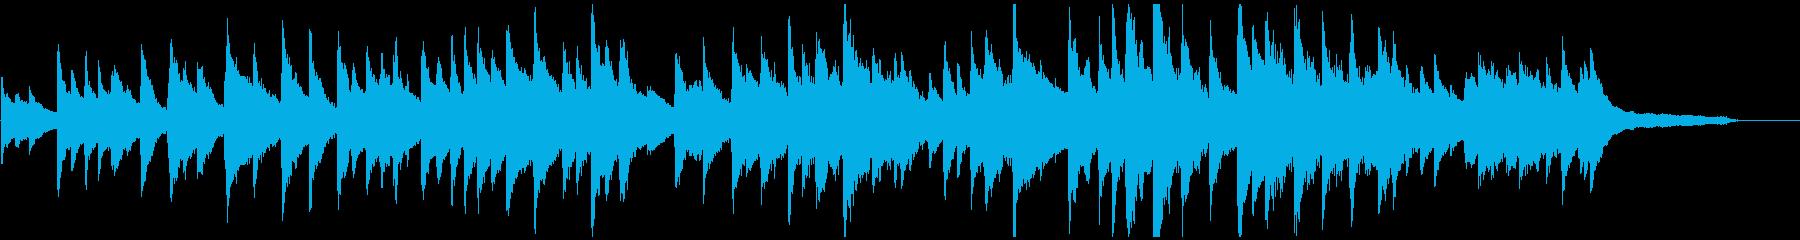 童謡「お正月」のピアノソロアレンジの再生済みの波形